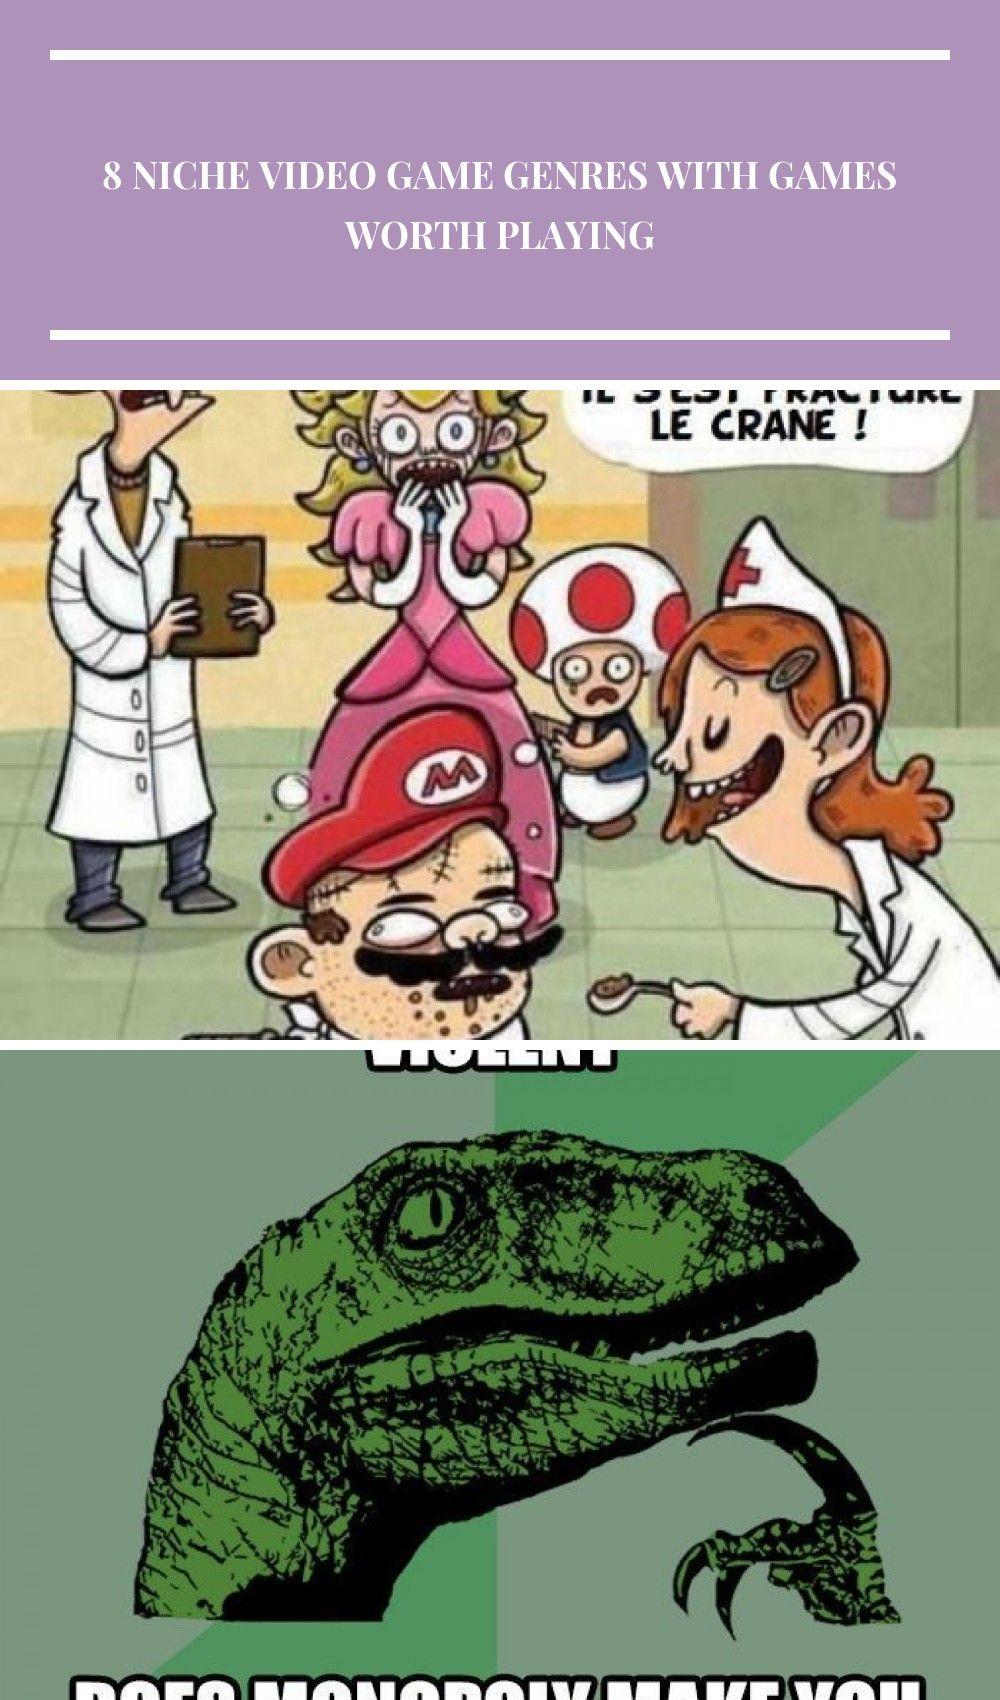 Images humour noir video game genre